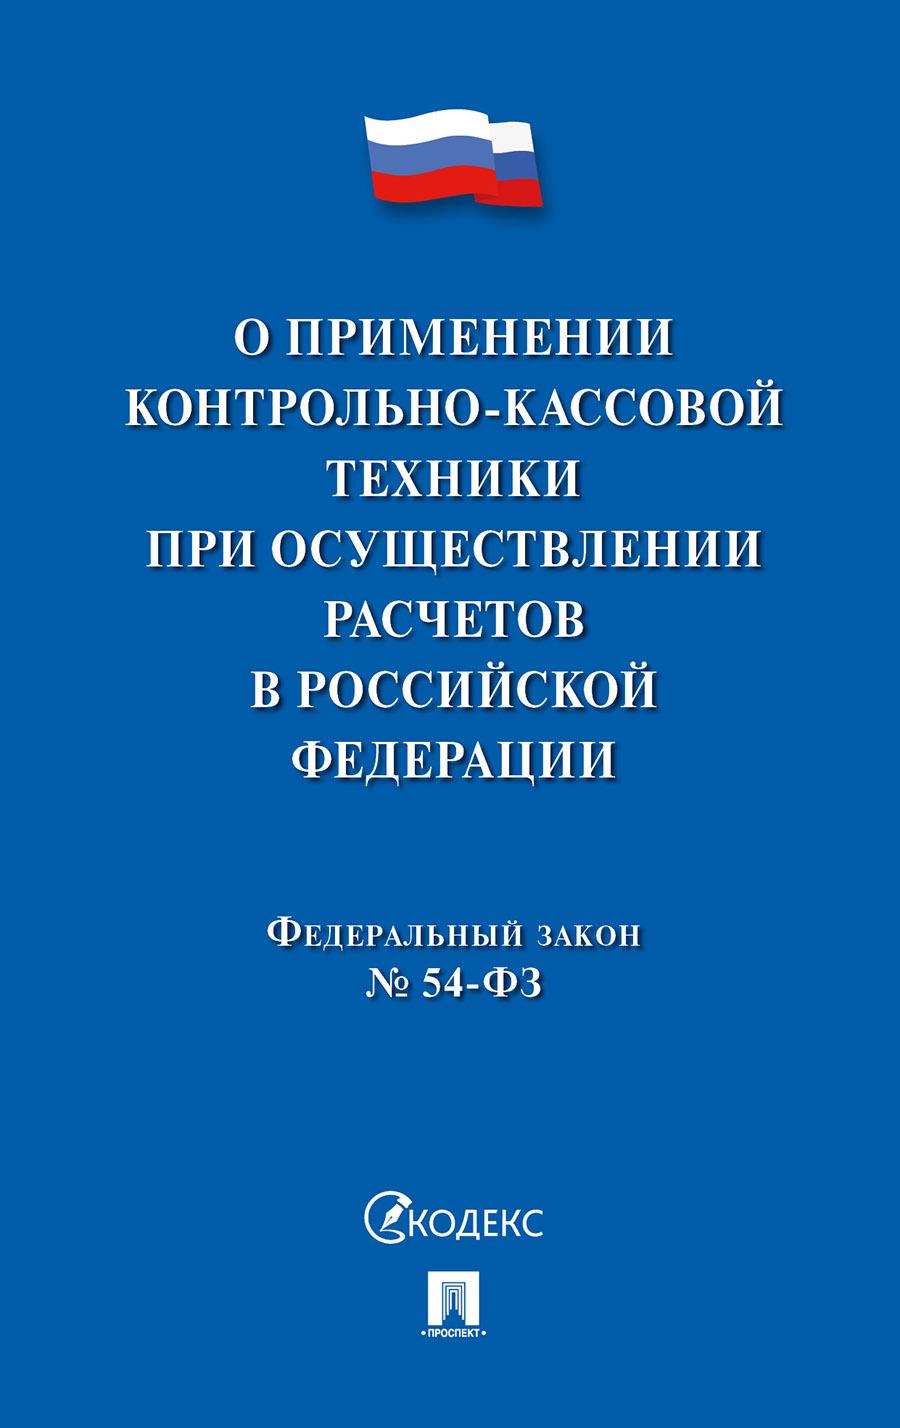 О применении контрольно-кассовой техники при осуществлении расчетов в Российской Федерации. Федеральный закон автокресло закон